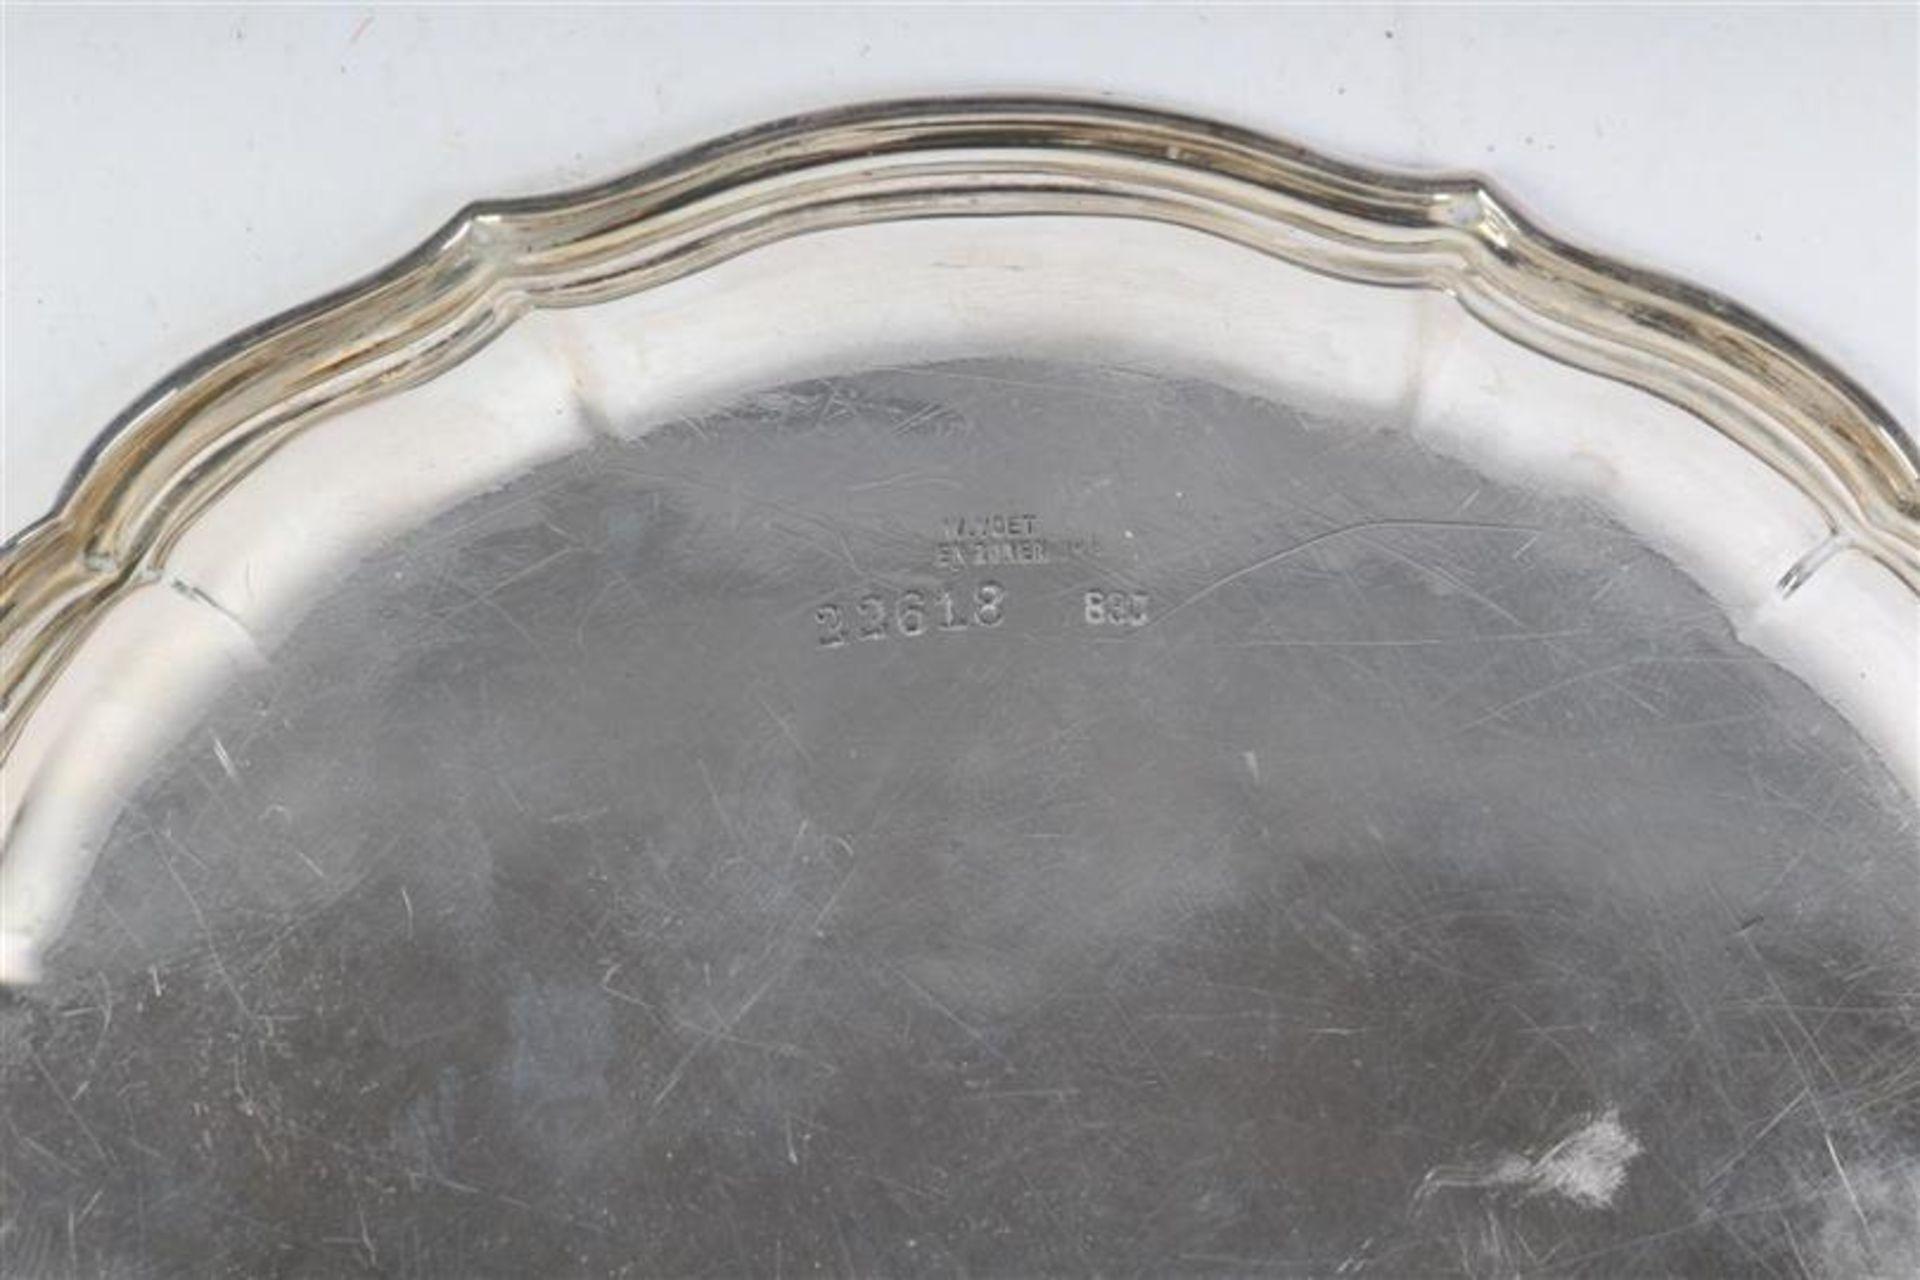 Twee zilveren gecontourneerde schaaltjes. D: 14.5 cm. - Bild 3 aus 3